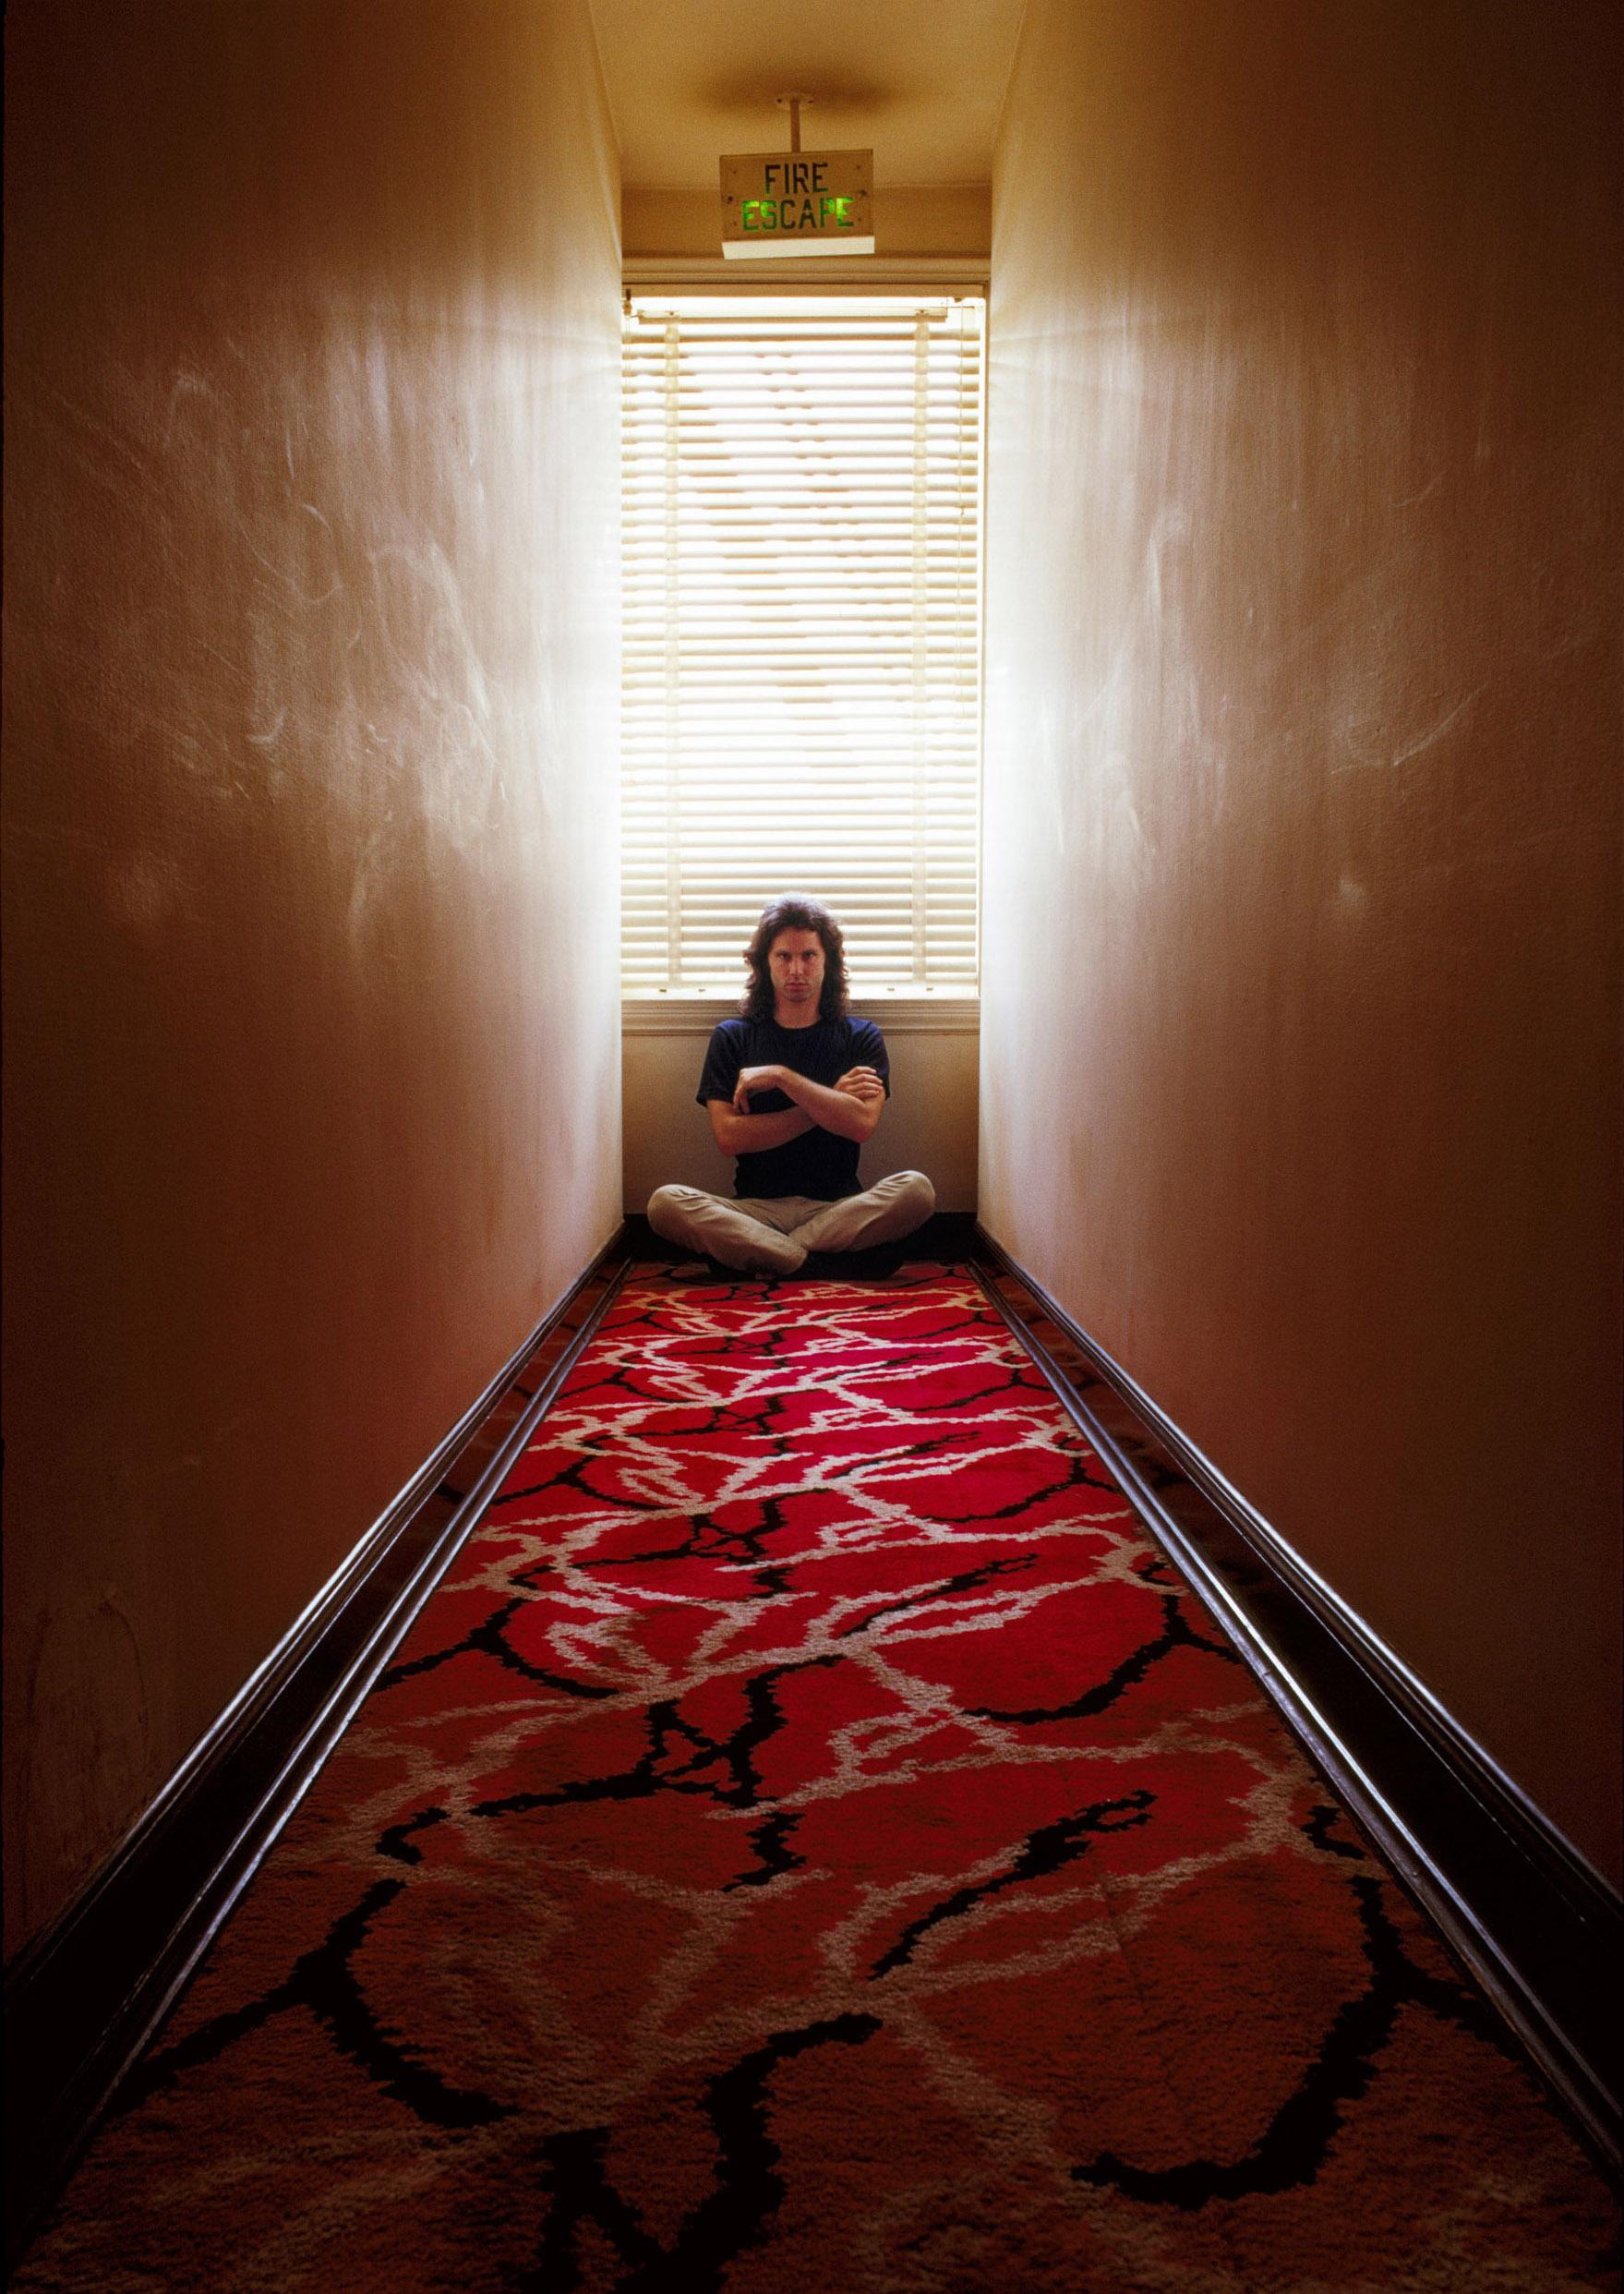 jim-morrison-1968-photo-art-kane-red.jpg